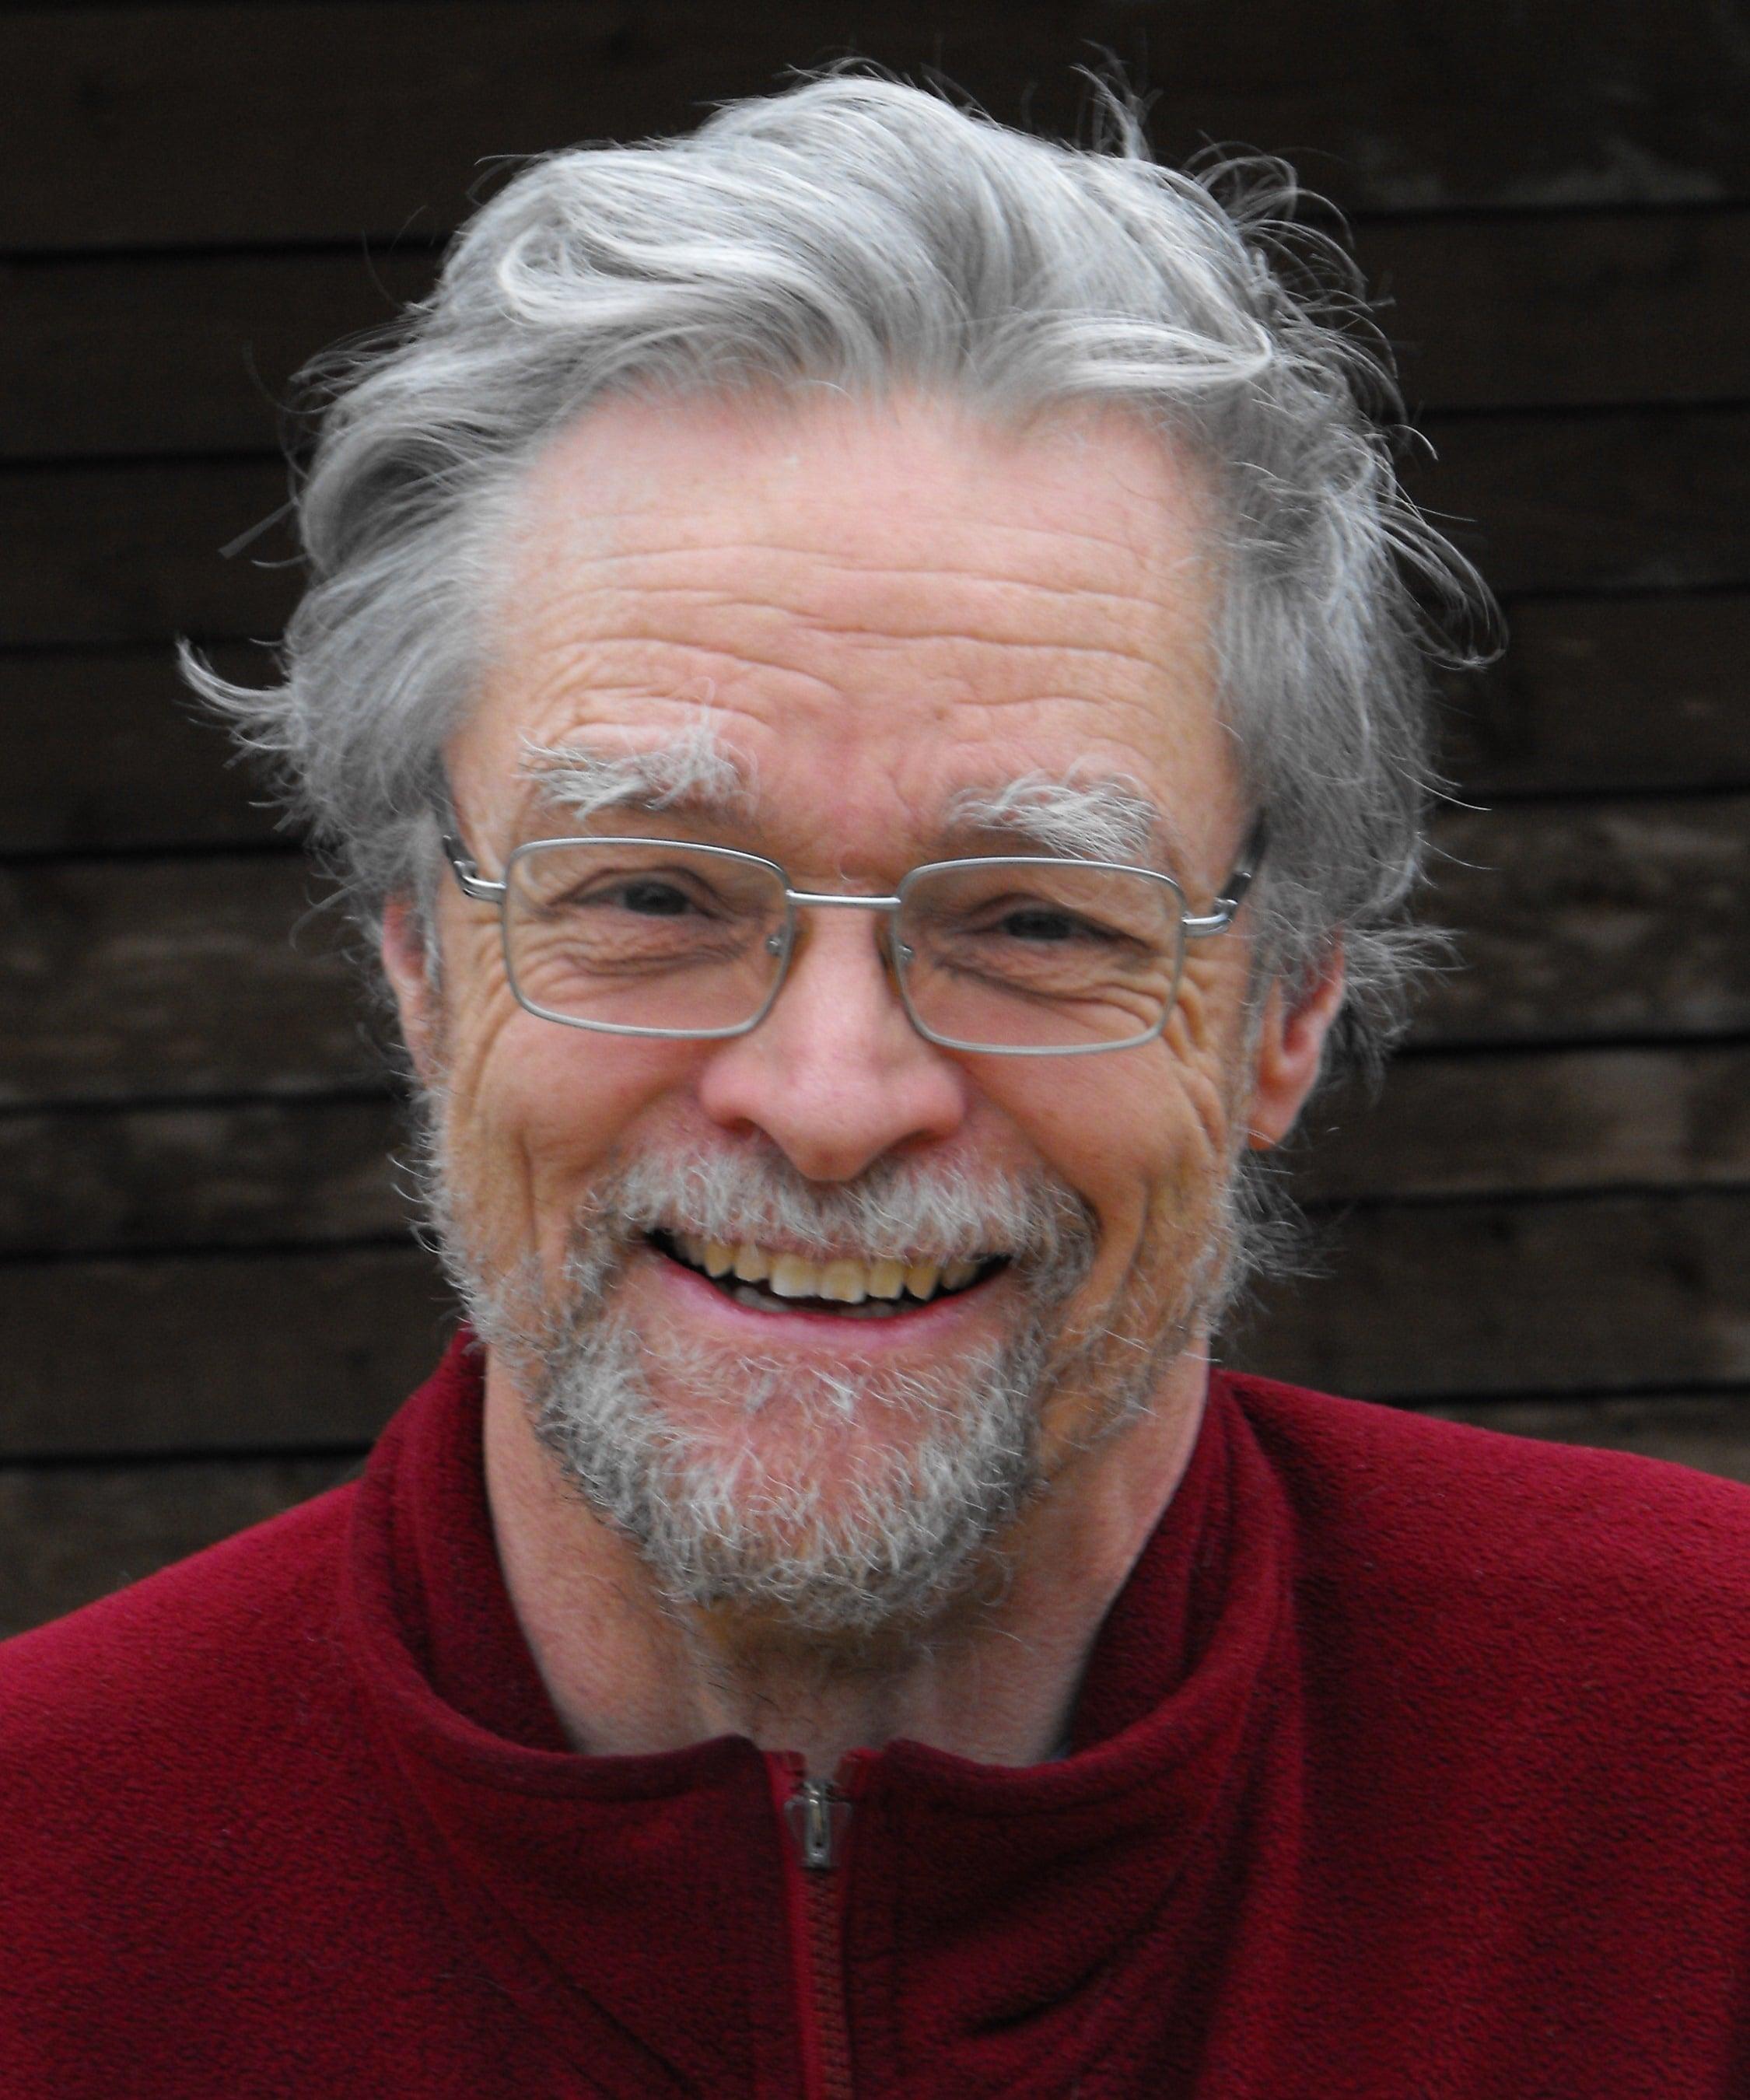 Robin Buxton